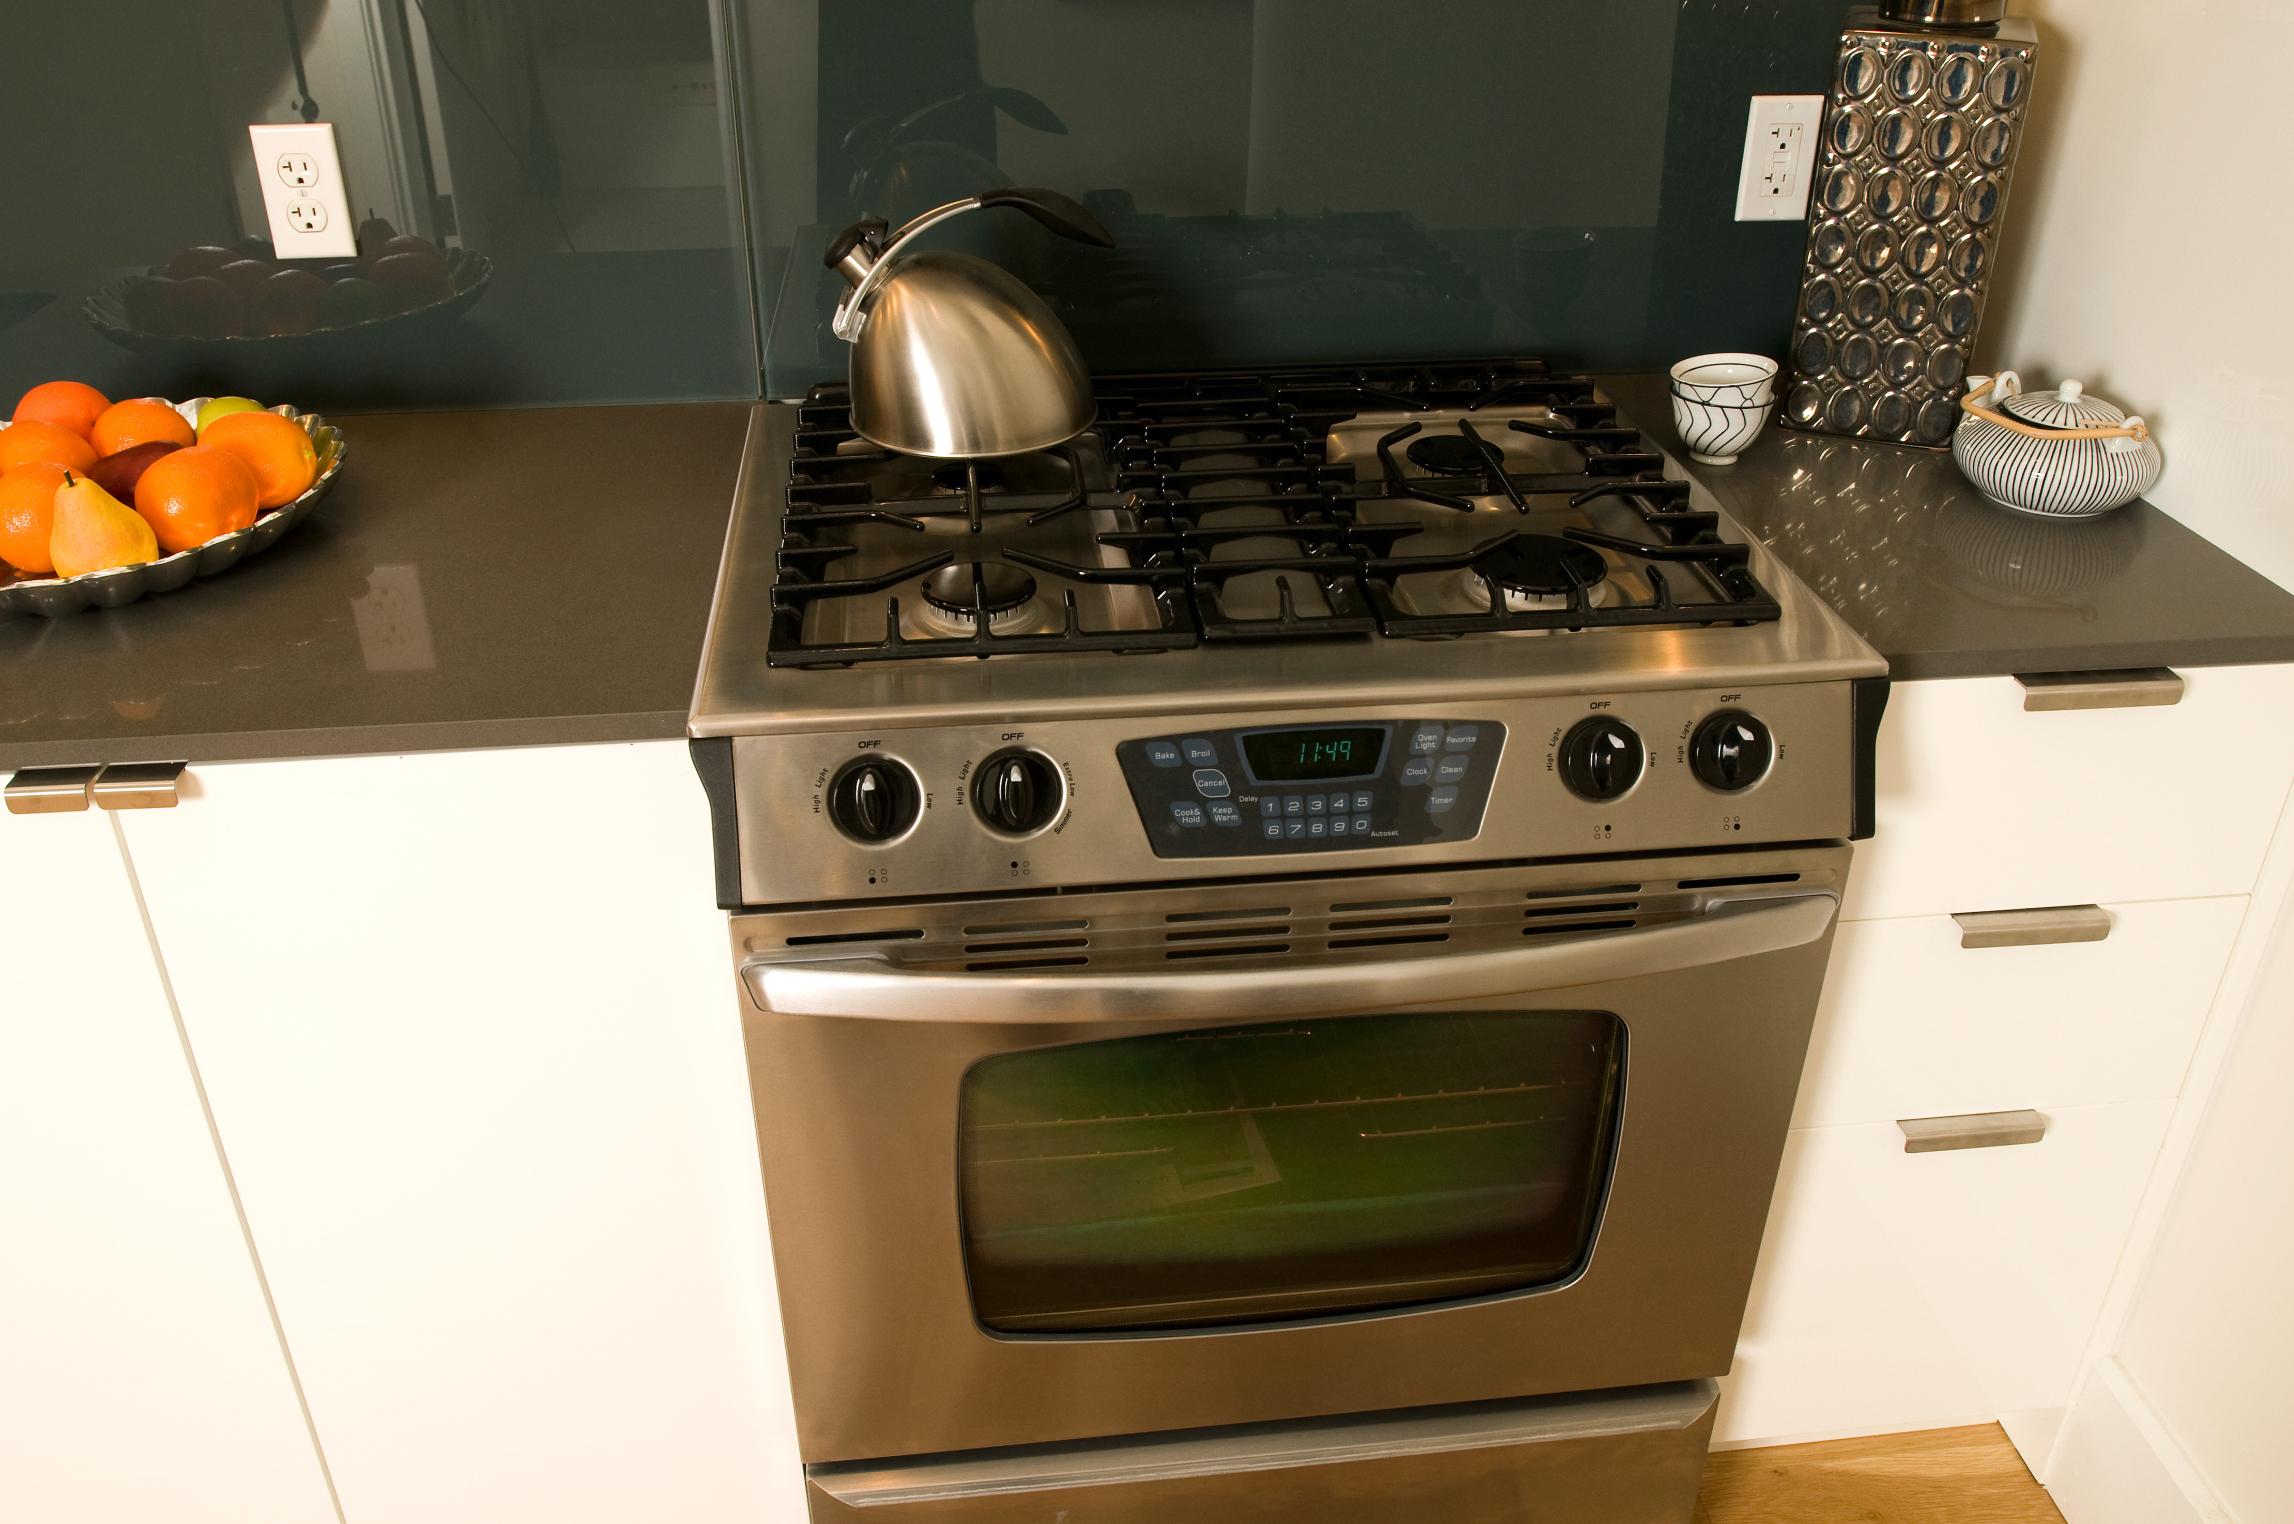 Dimensiones promedio de estufas |